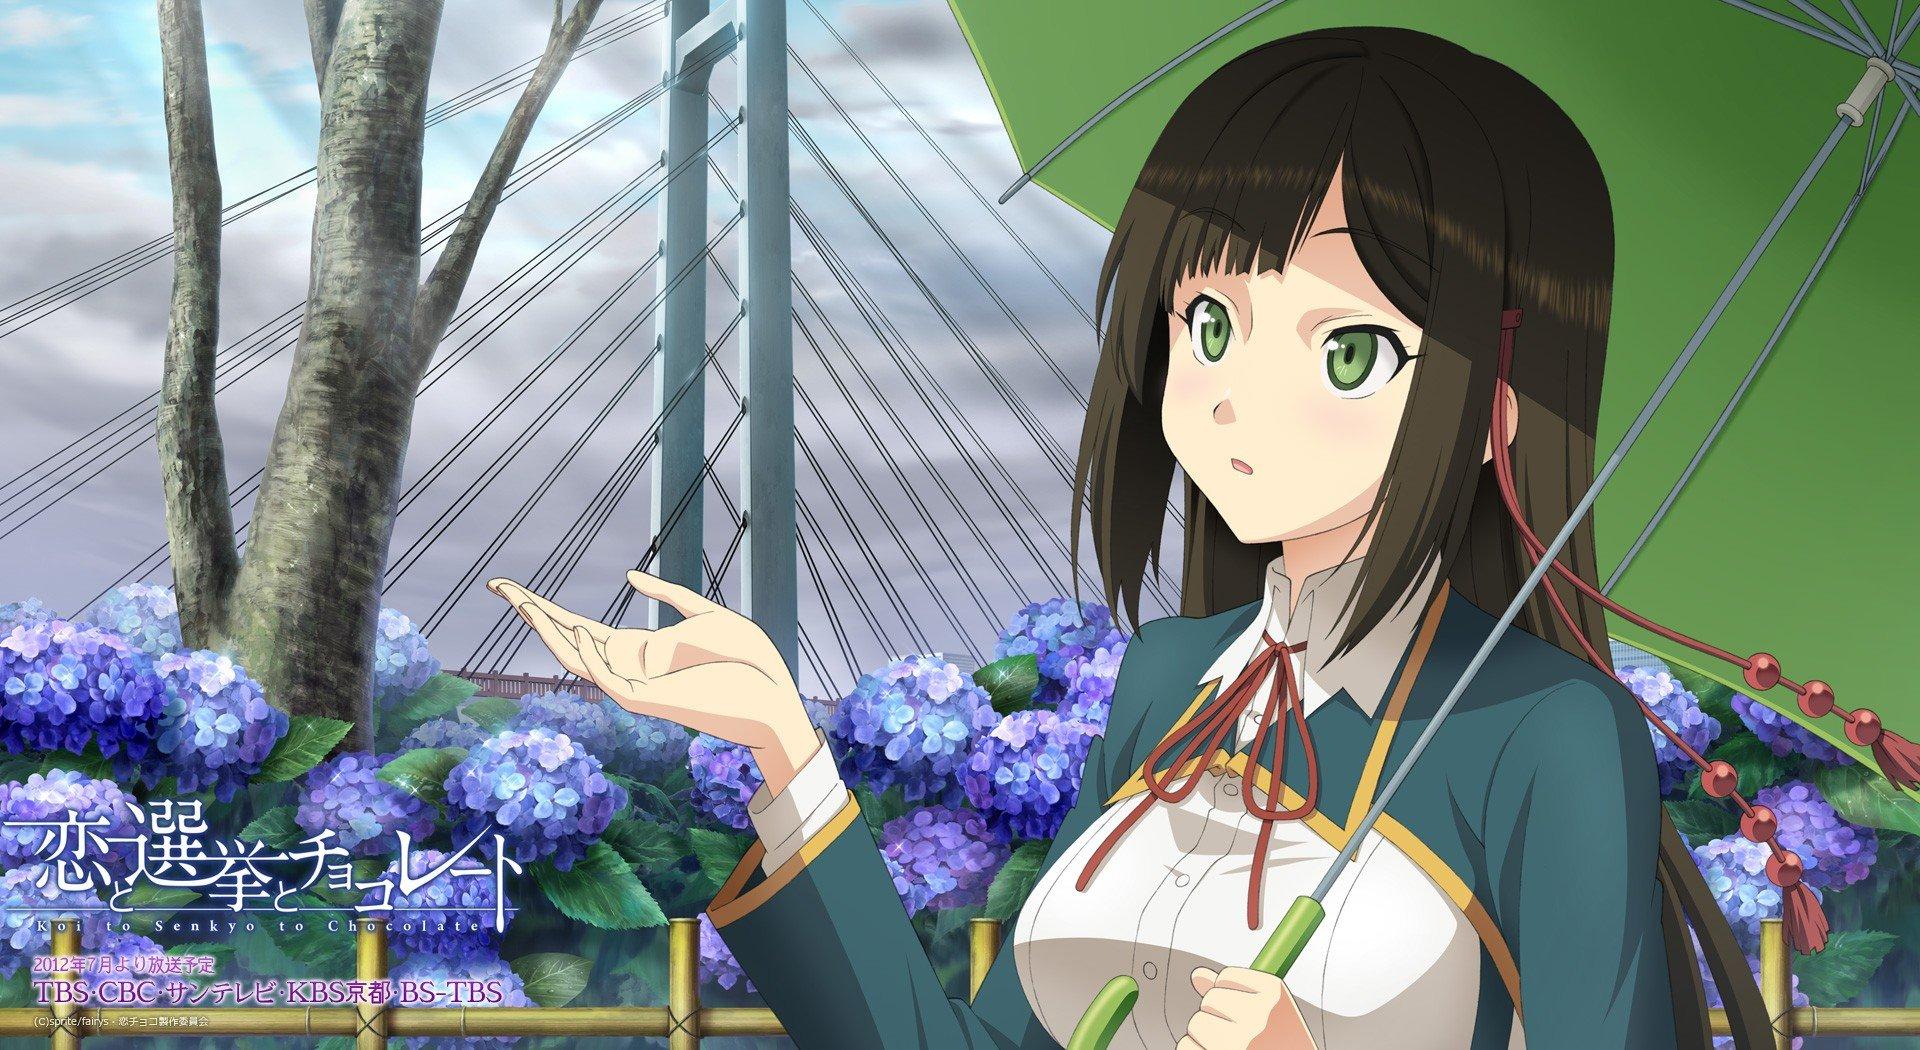 anime girls, Koi to Senkyo to Chocolate, Shinonome Satsuki Wallpaper